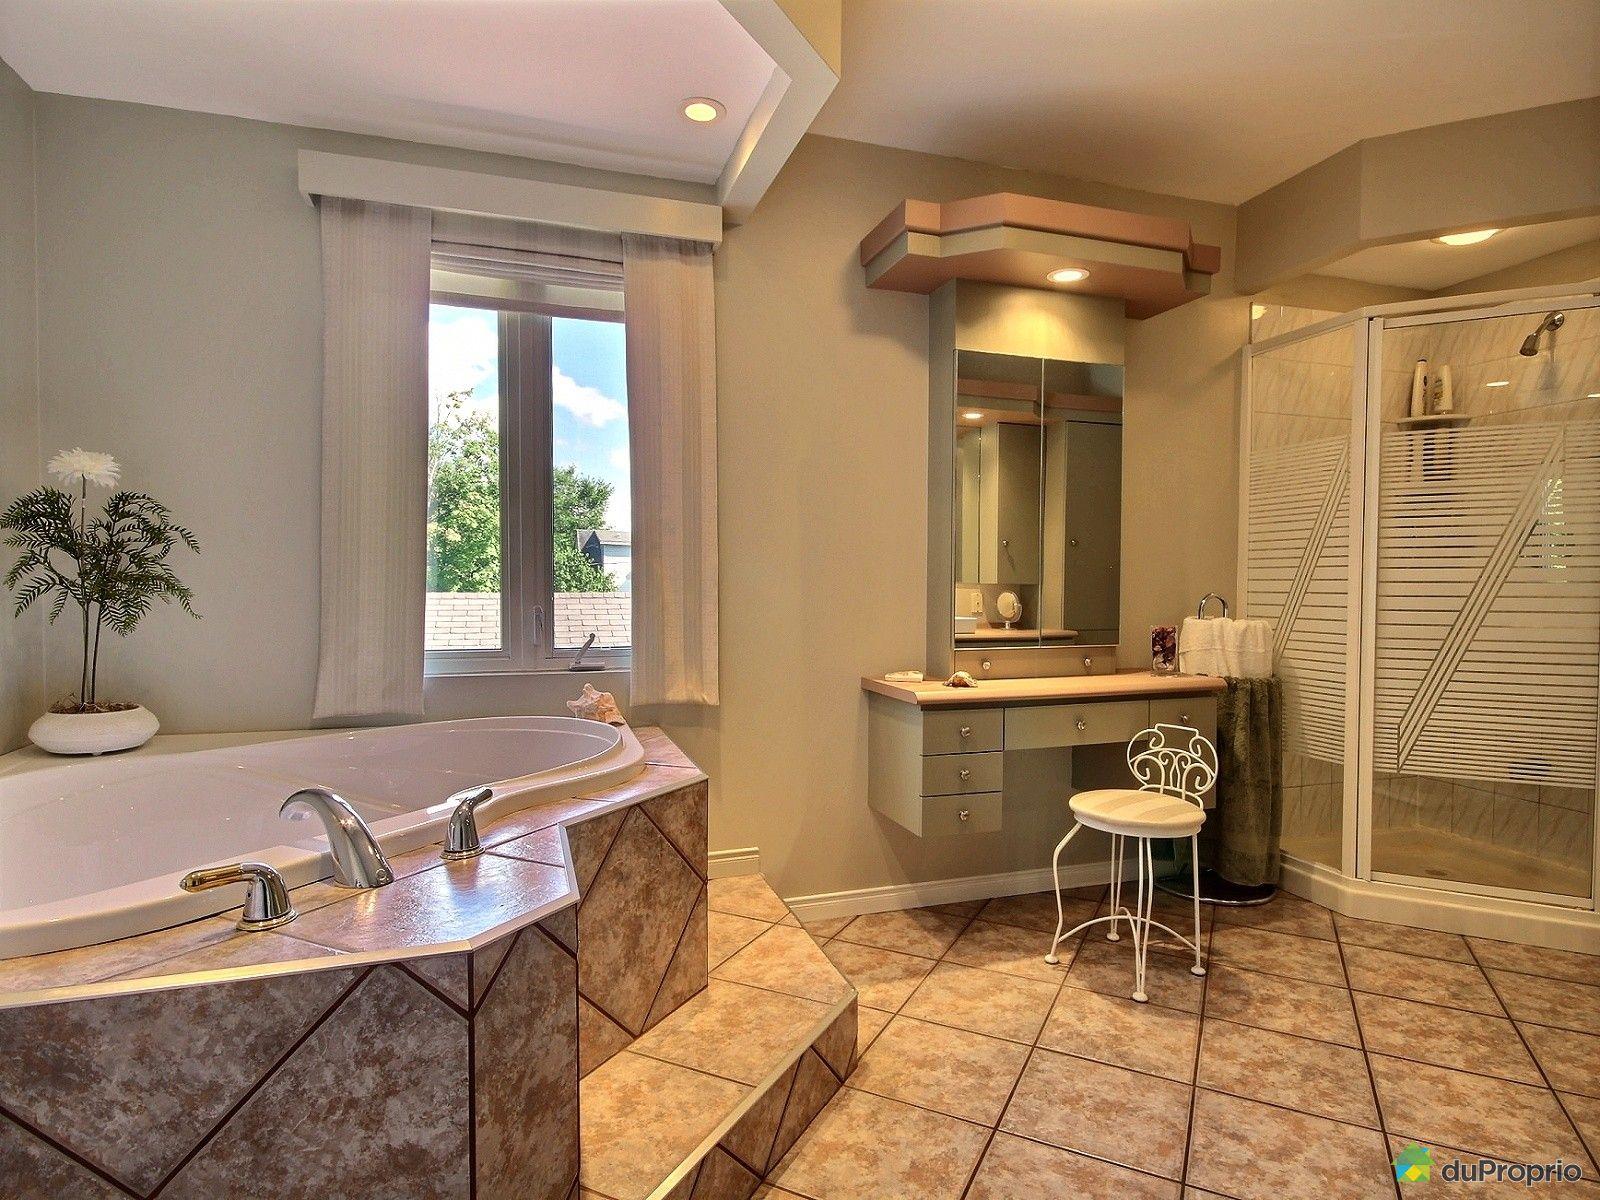 salle de bain ancienne a vendre avec des id es int ressantes pour la conception. Black Bedroom Furniture Sets. Home Design Ideas